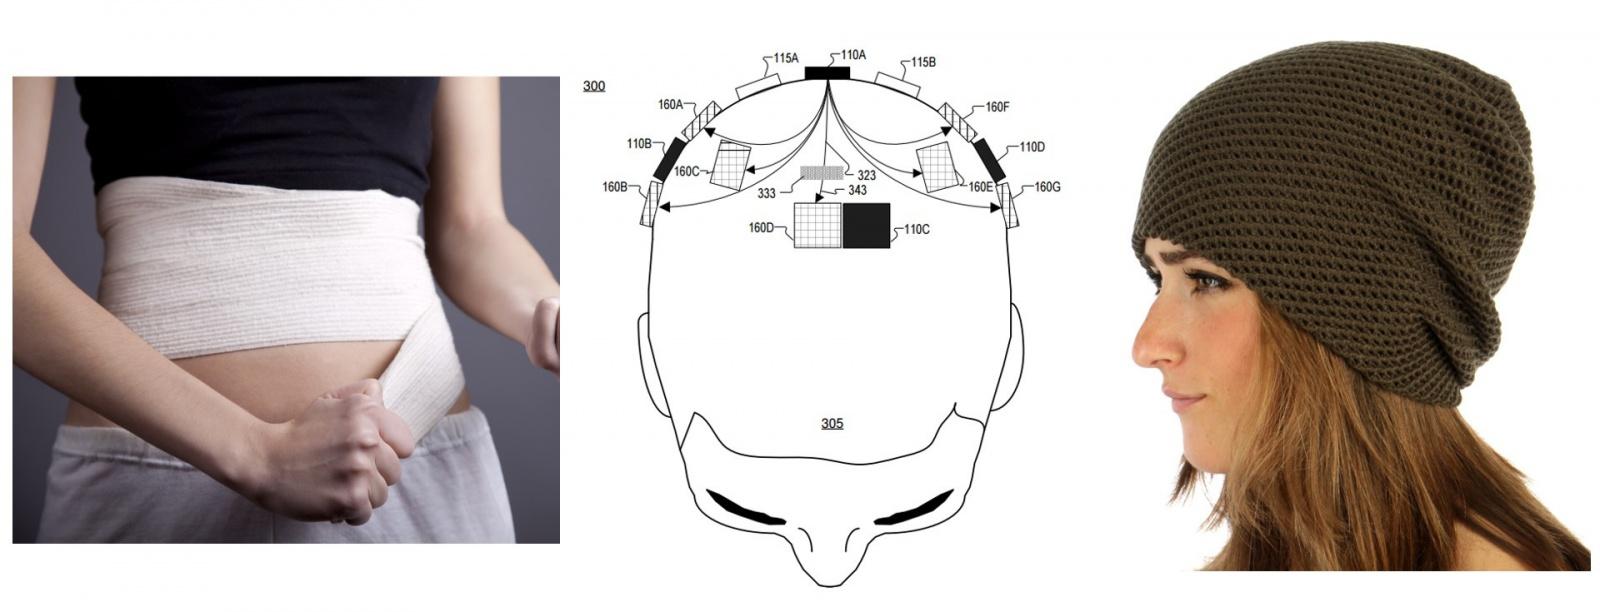 Стартап обещает точность фМРТ в формате лыжной шапочки с функцией телепатии - 1